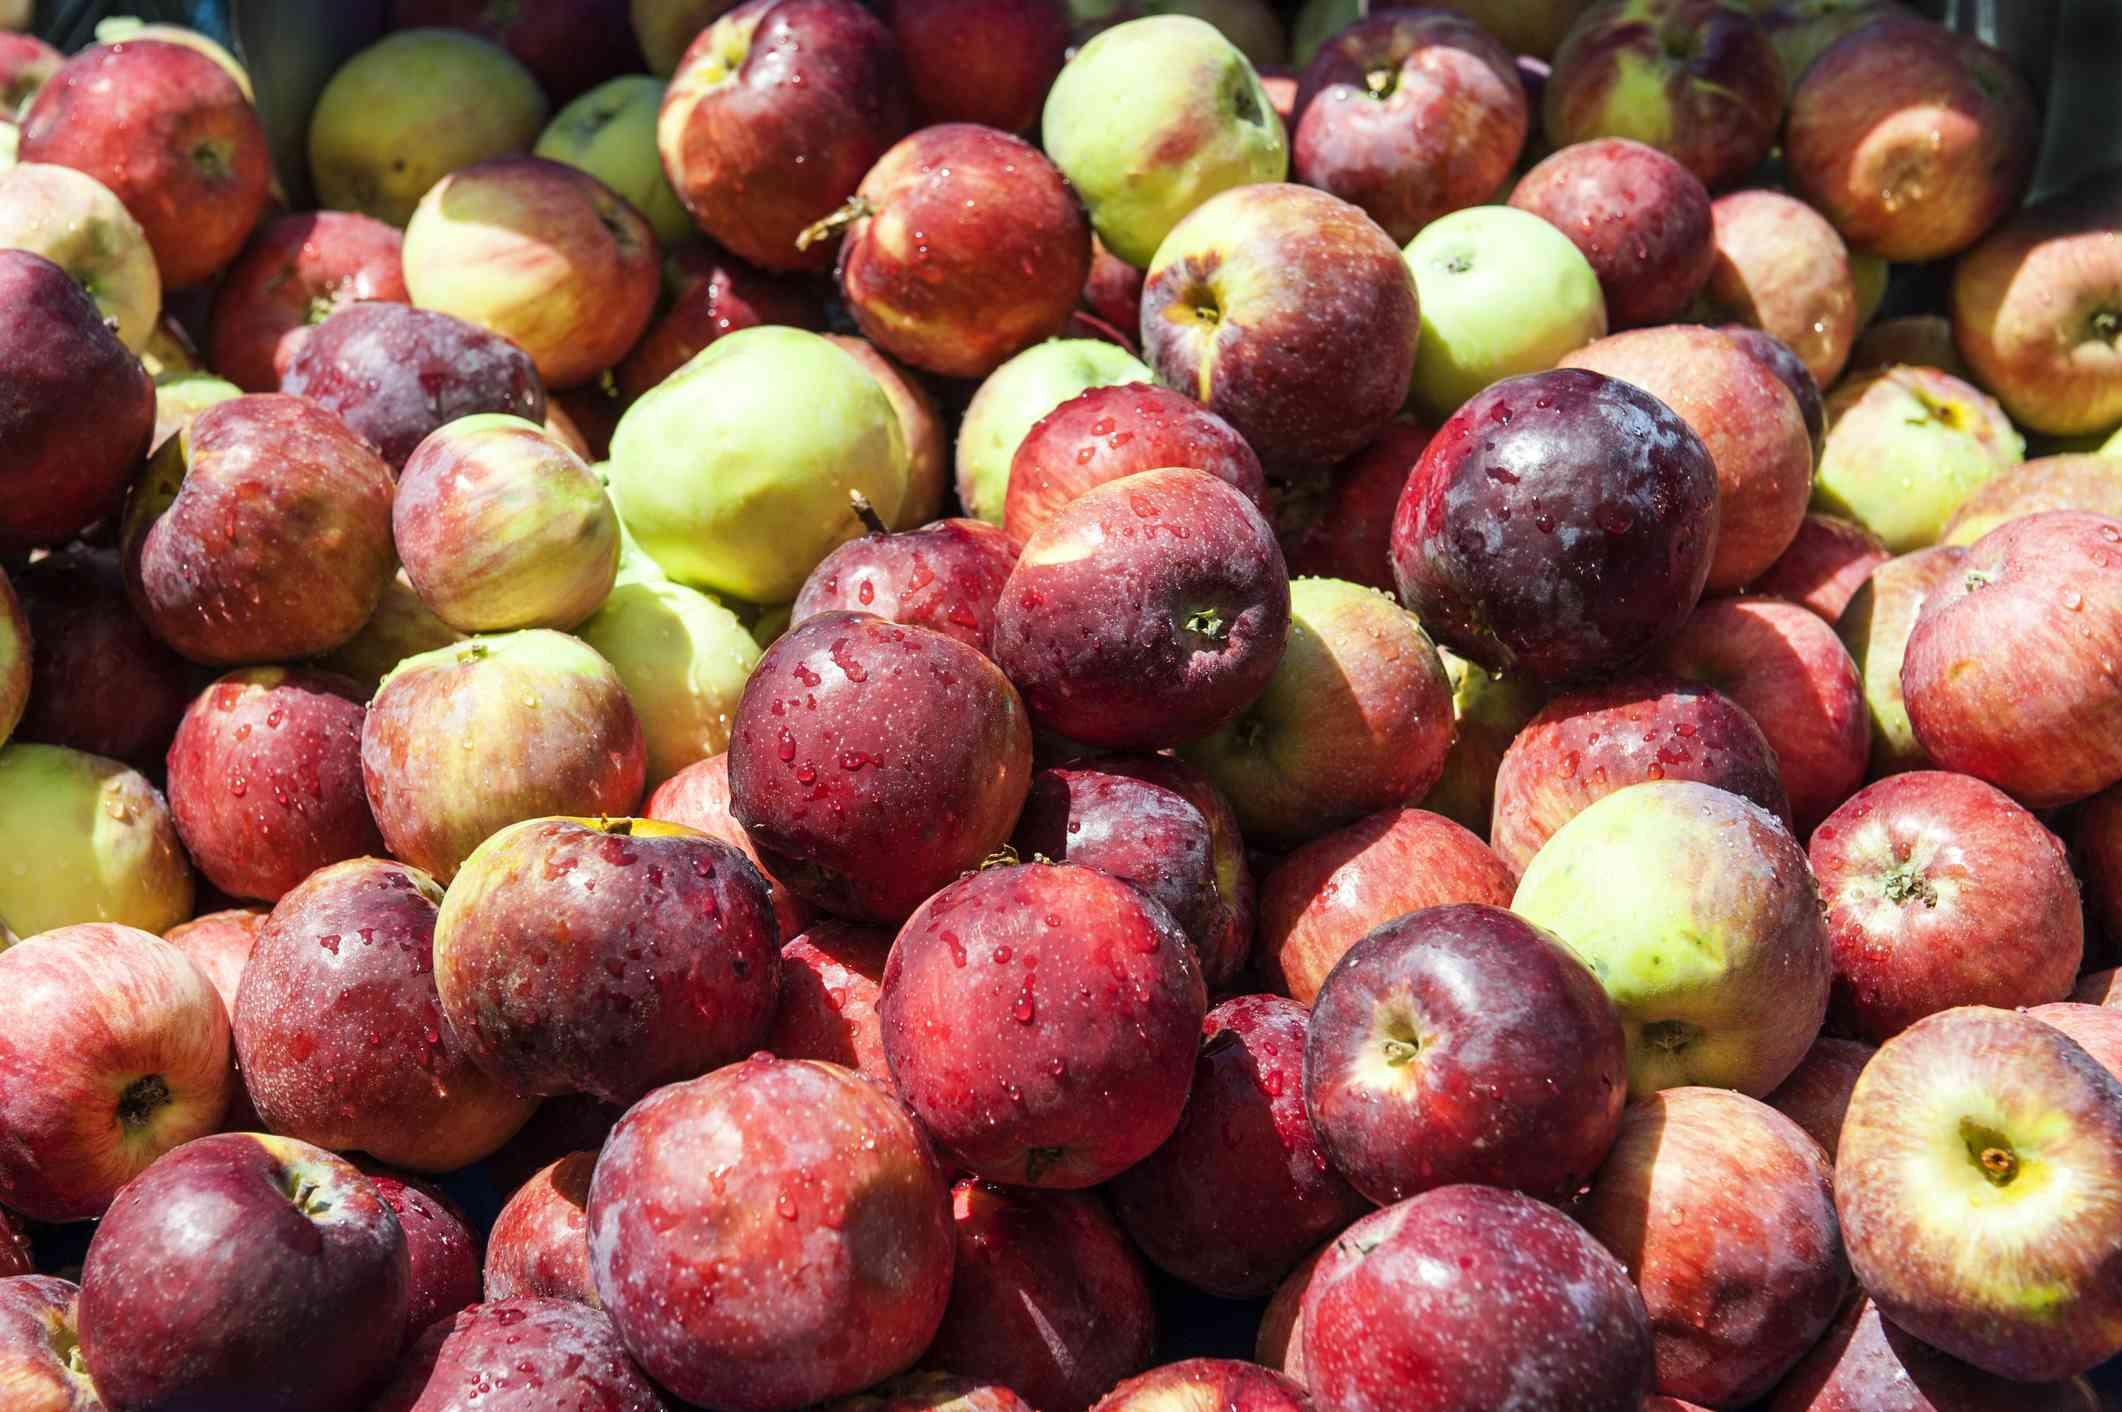 Sierra Beauty Apples